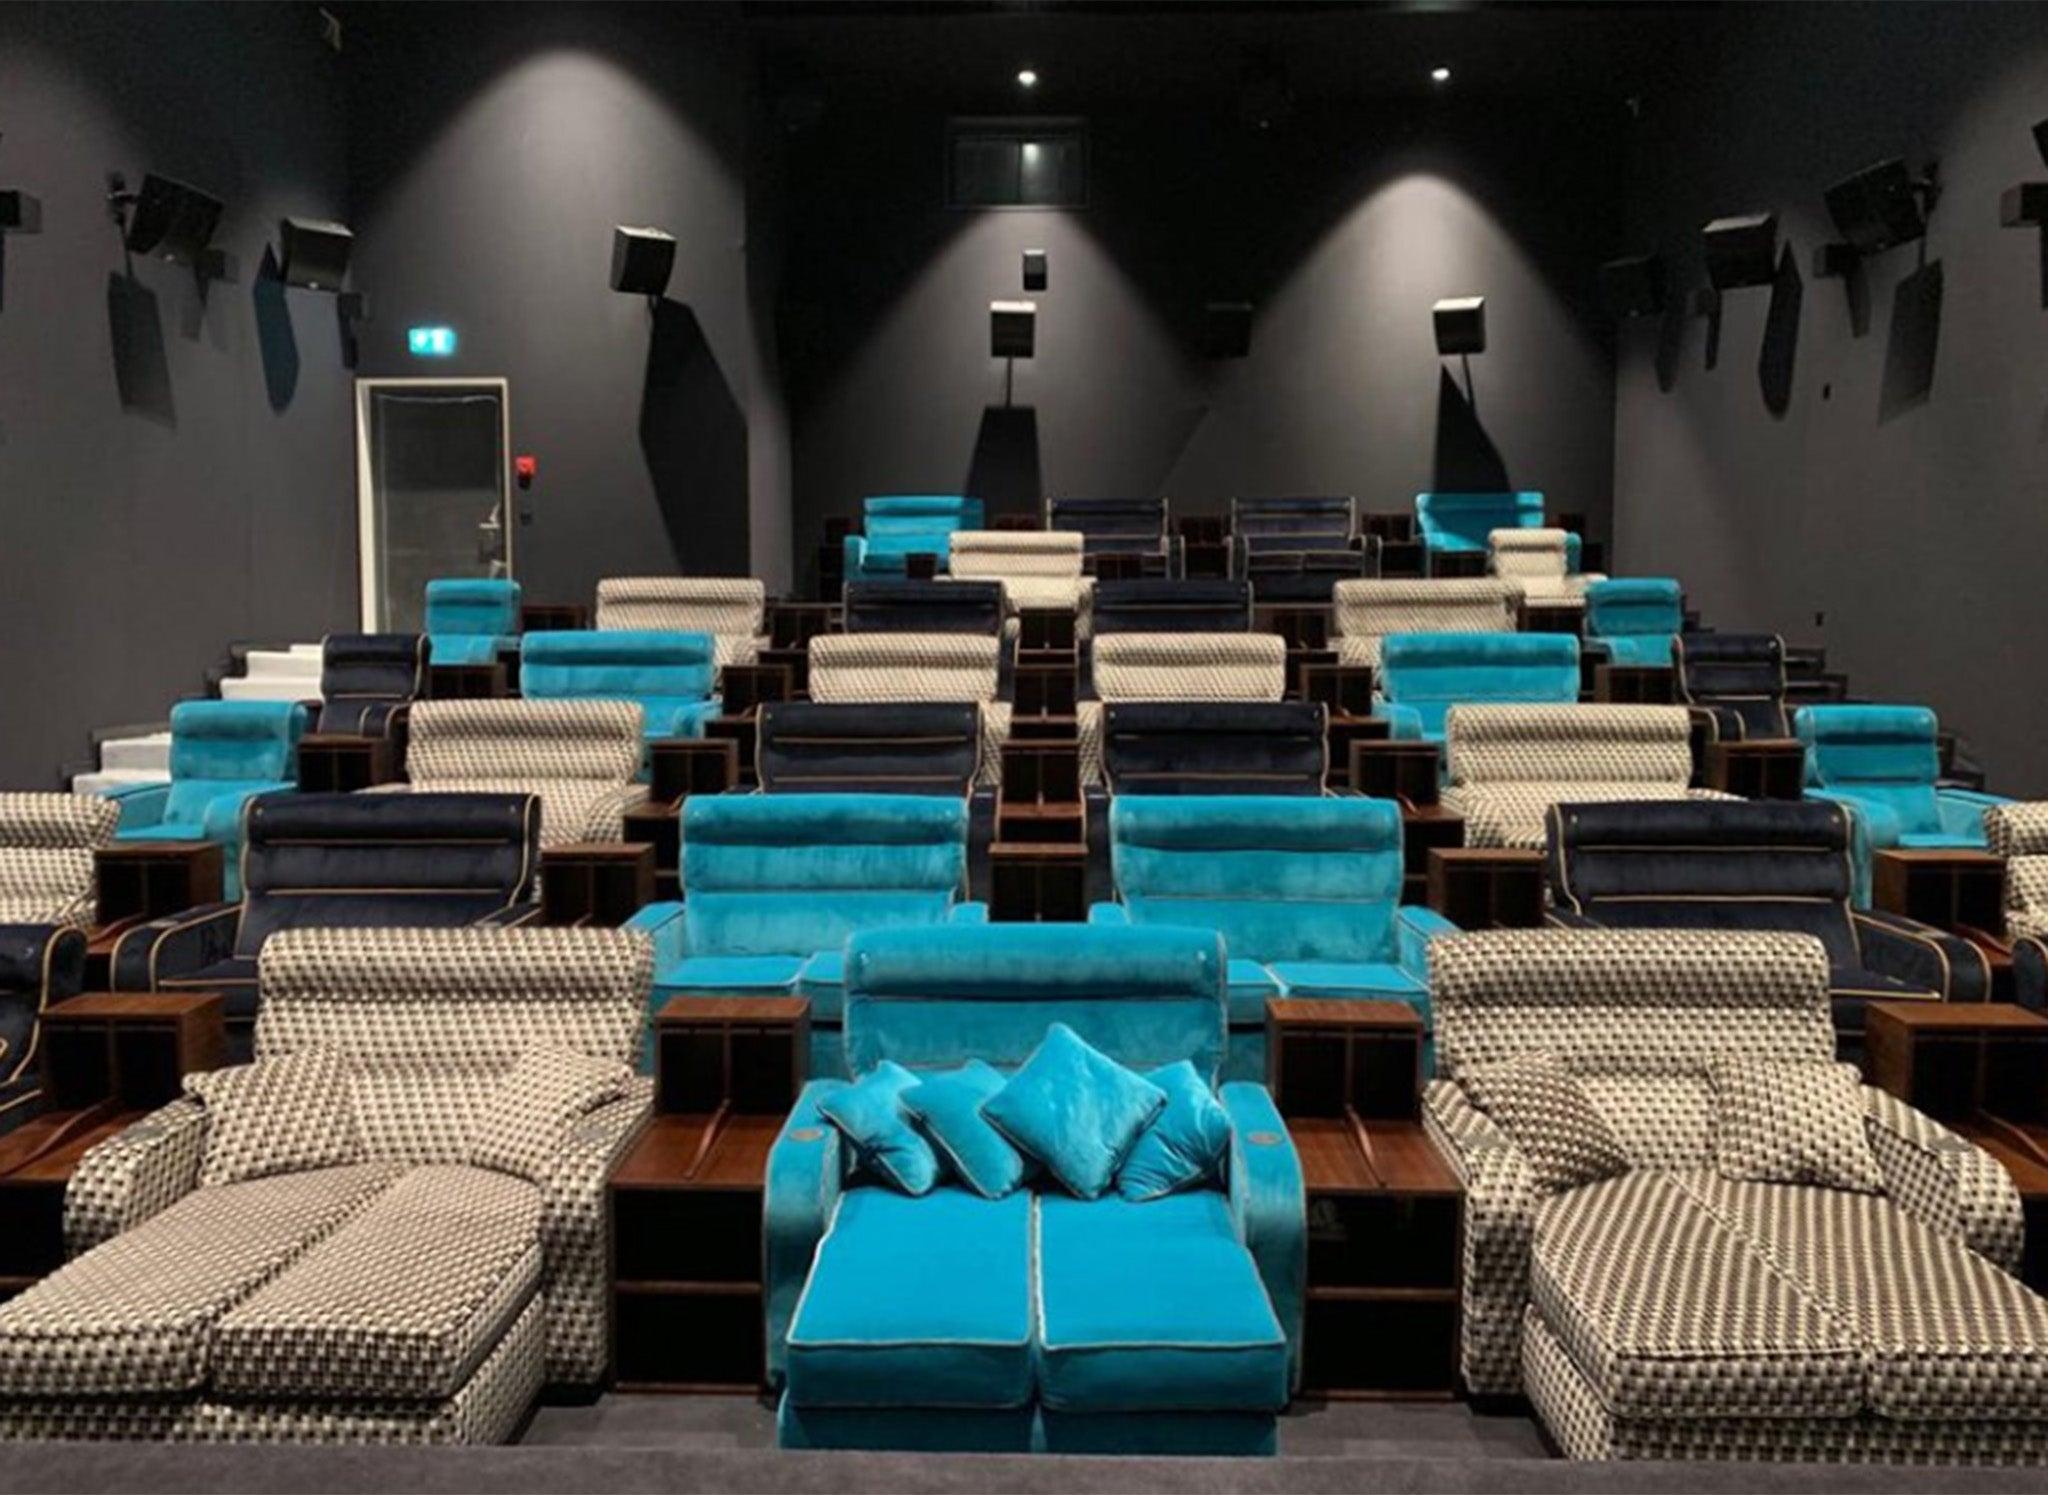 'VIP bedroom cinema' opens with 11 double beds in Switzerland